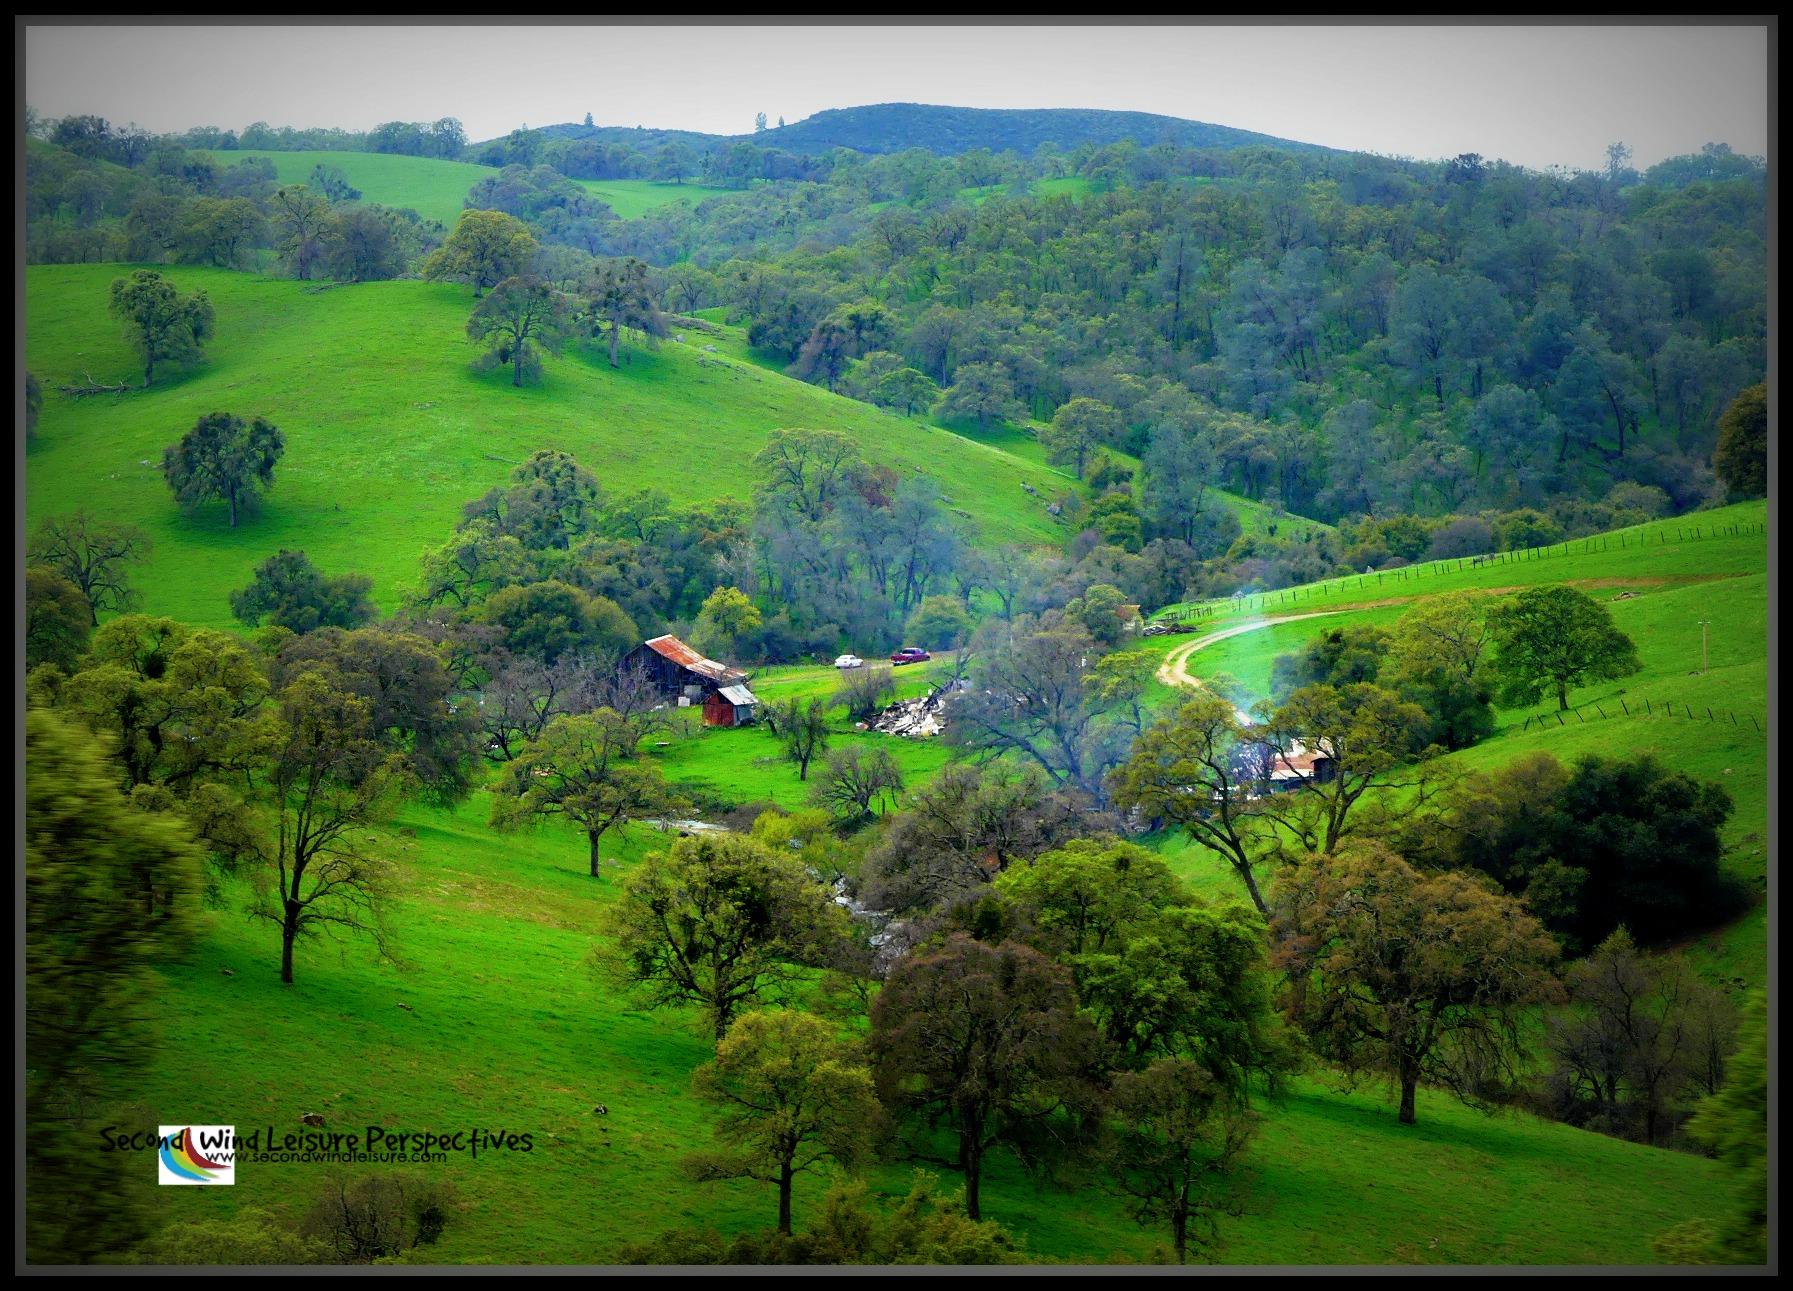 Mountain Greenery; Green Sierra foothills